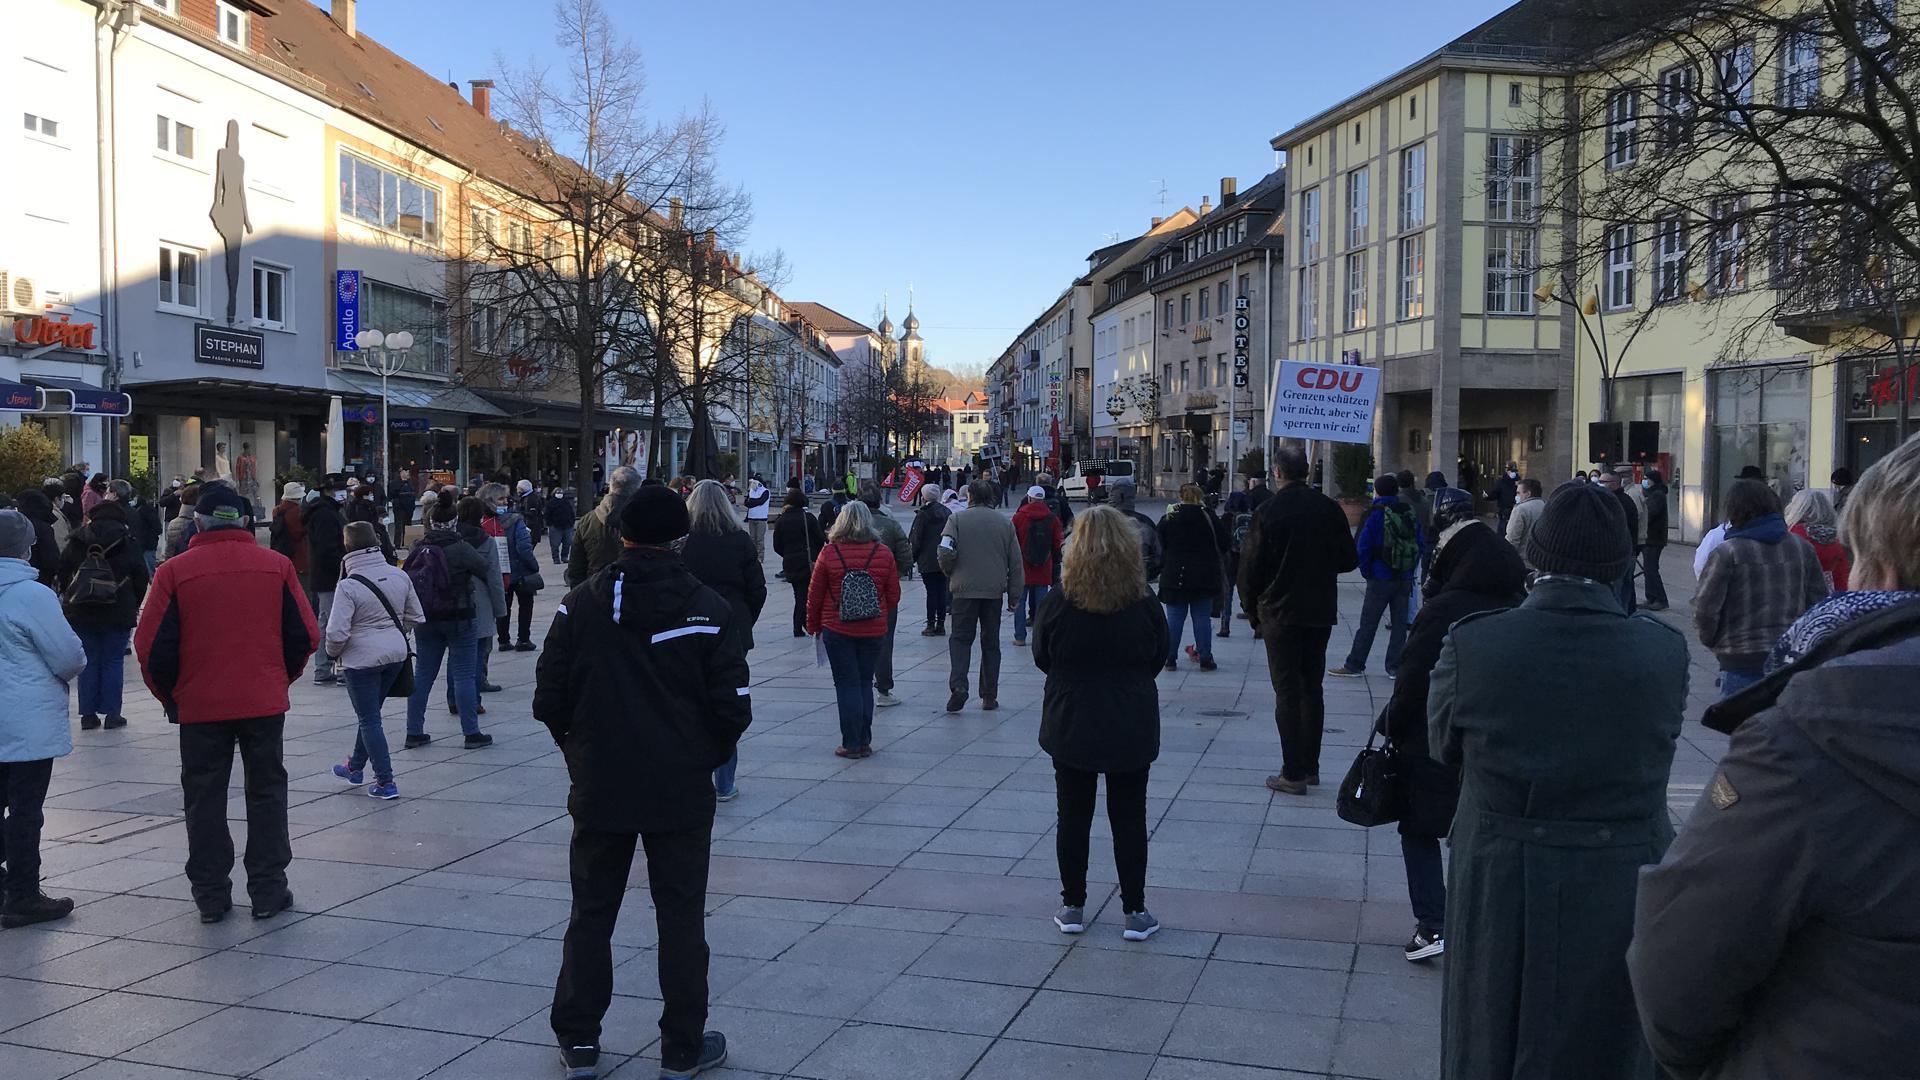 Kundgebung auf dem Bruchsaler Marktplatz vor dem Rathaus gegen Corona-Maßnahmen